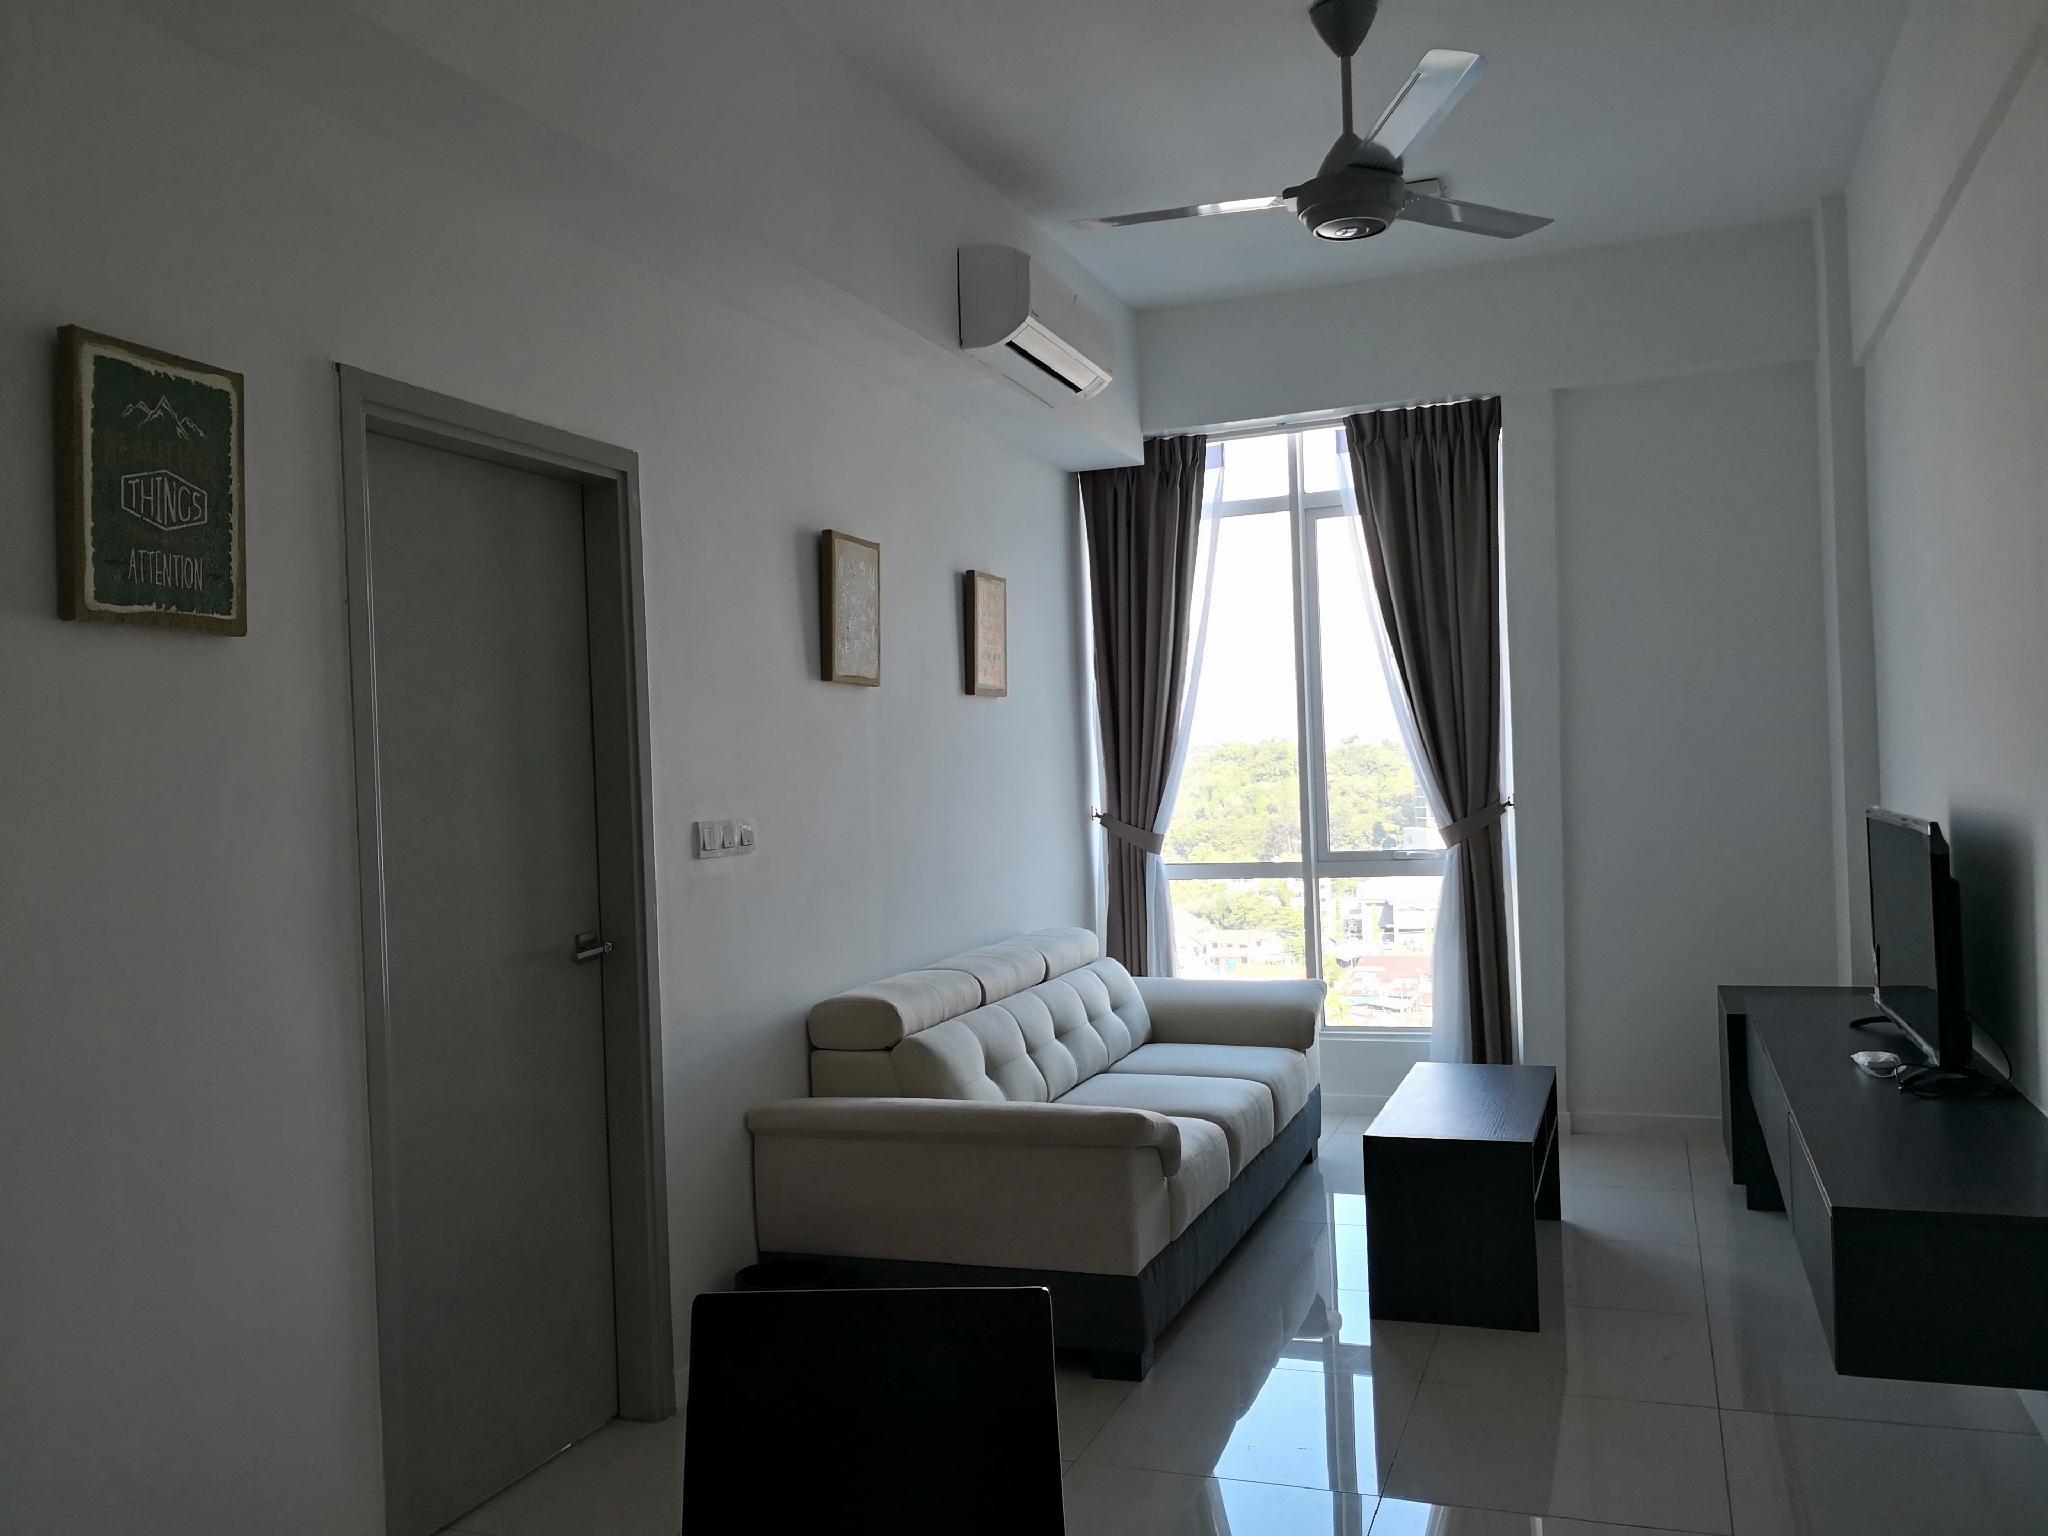 2 Bedrooms @ Sutera Avenue  SummerBreeze 1020